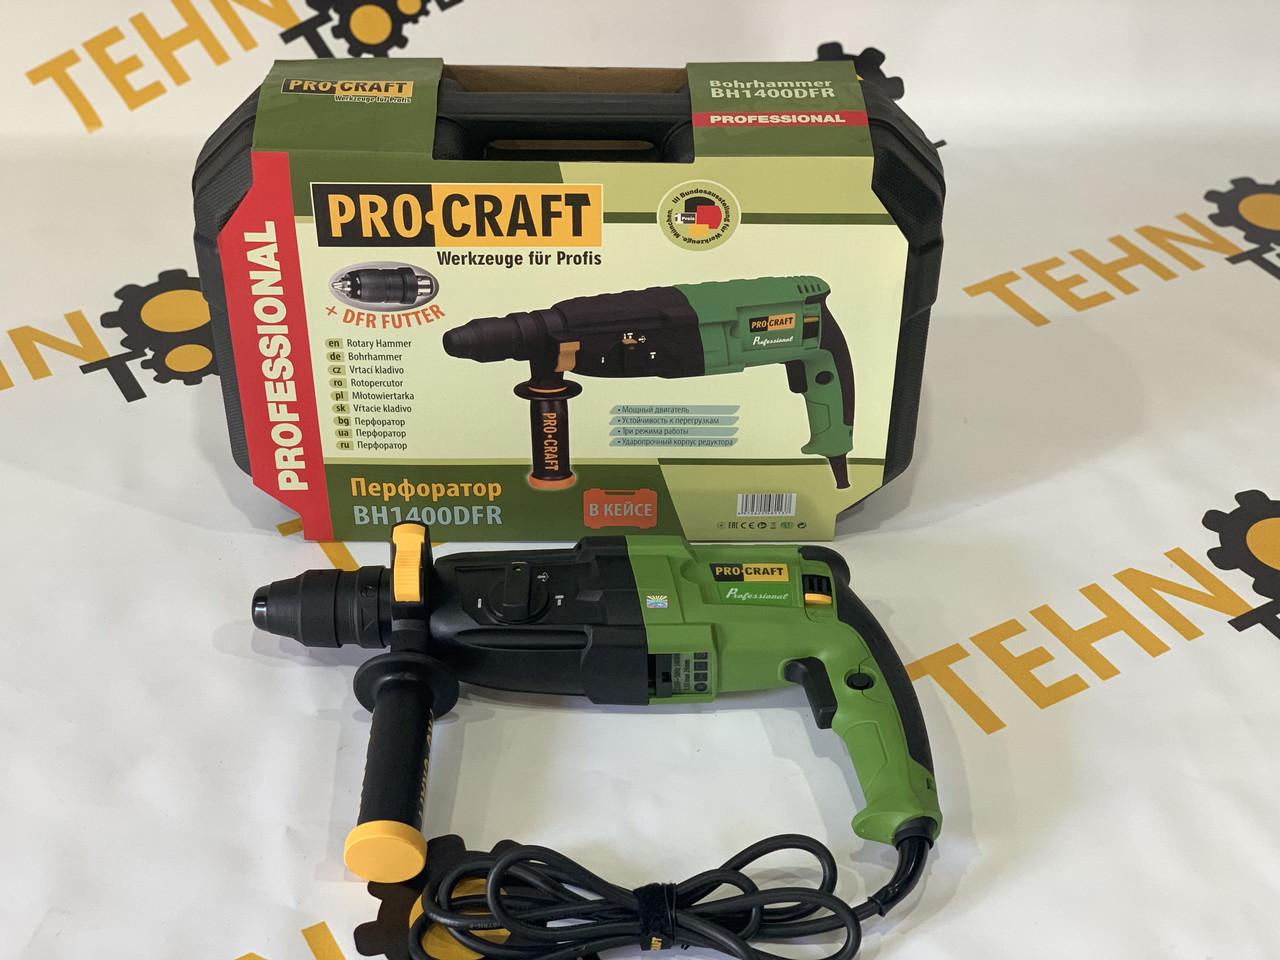 Прямий перфоратор Procraft DH1400DFR знімний патрон